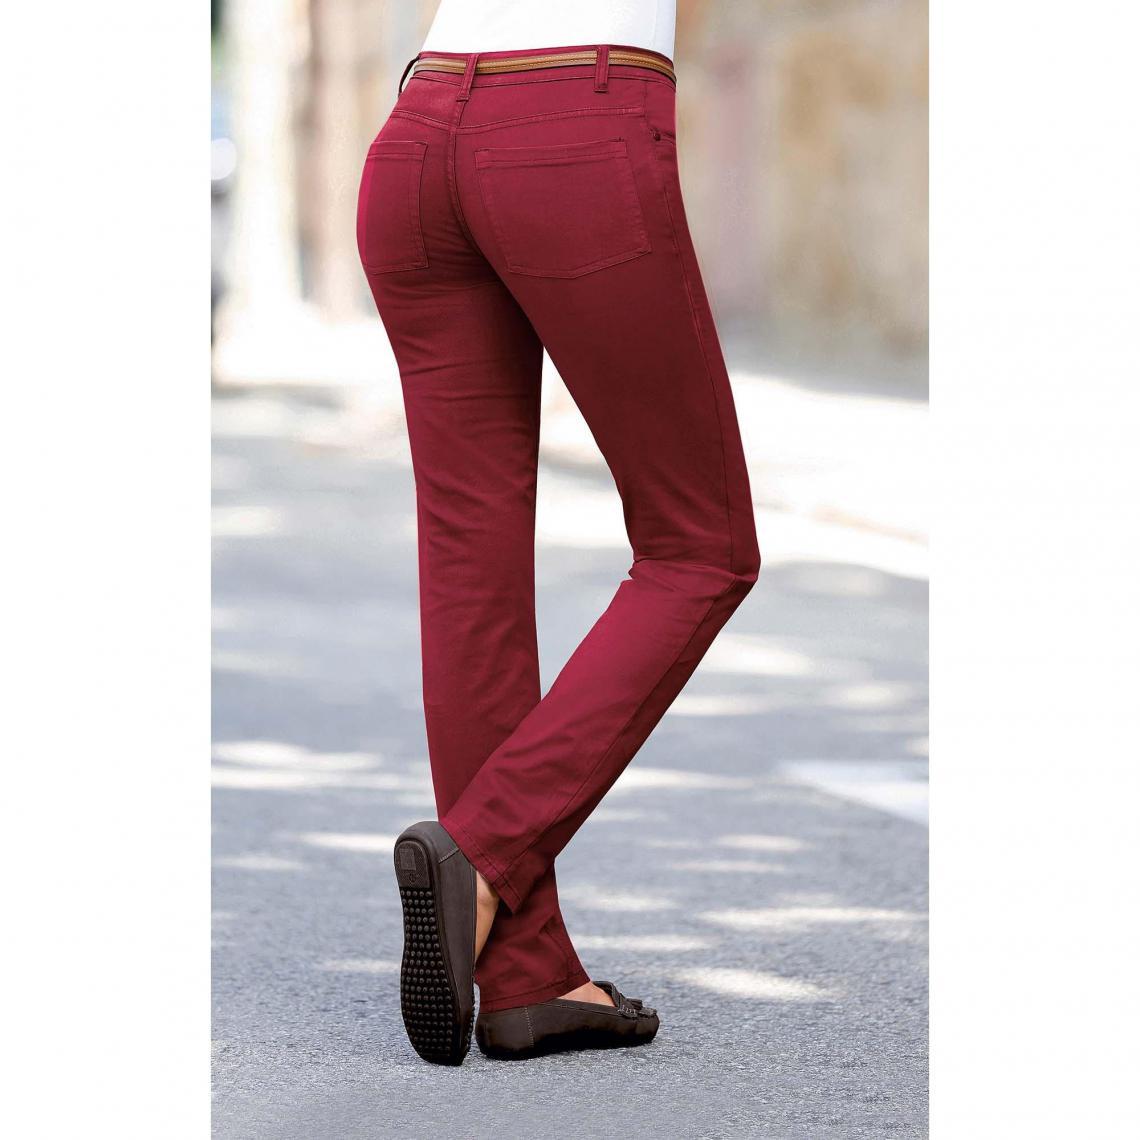 Pantalon coupe slim en twill élastique Venca - Rouge - 3 SUISSES - Modalova